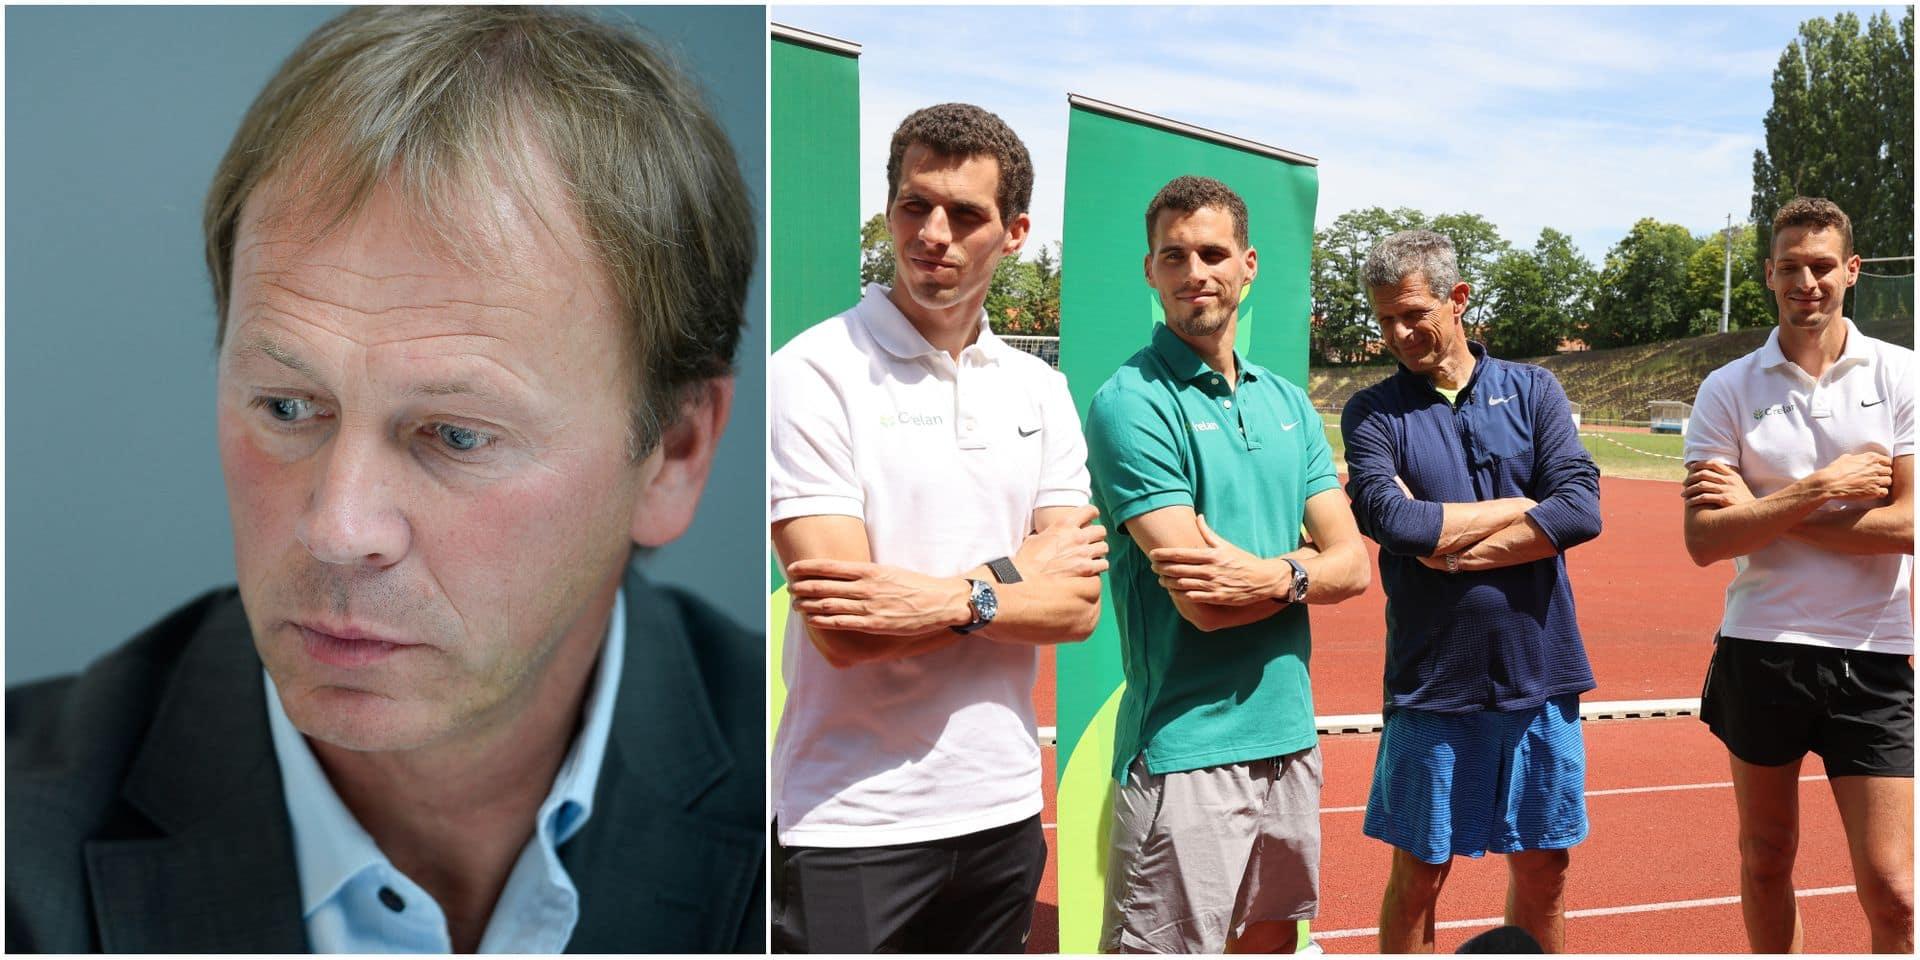 Séisme dans l'athlétisme belge : plainte contre la galaxie Borlée !